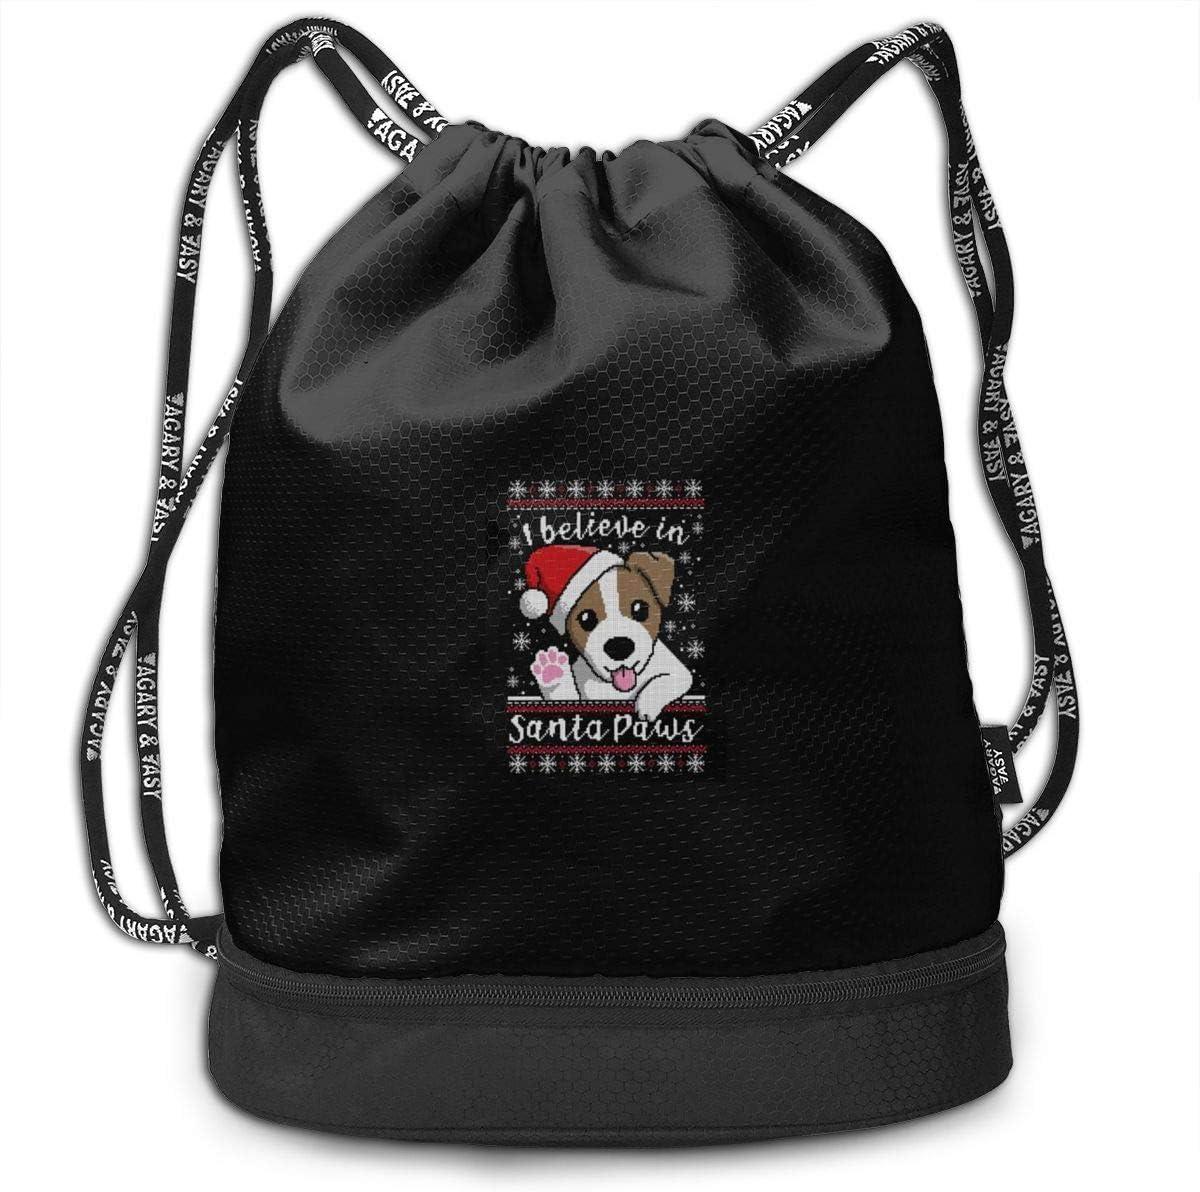 Santa Paws Multifunctional Bundle Backpack Shoulder Bag For Men And Women